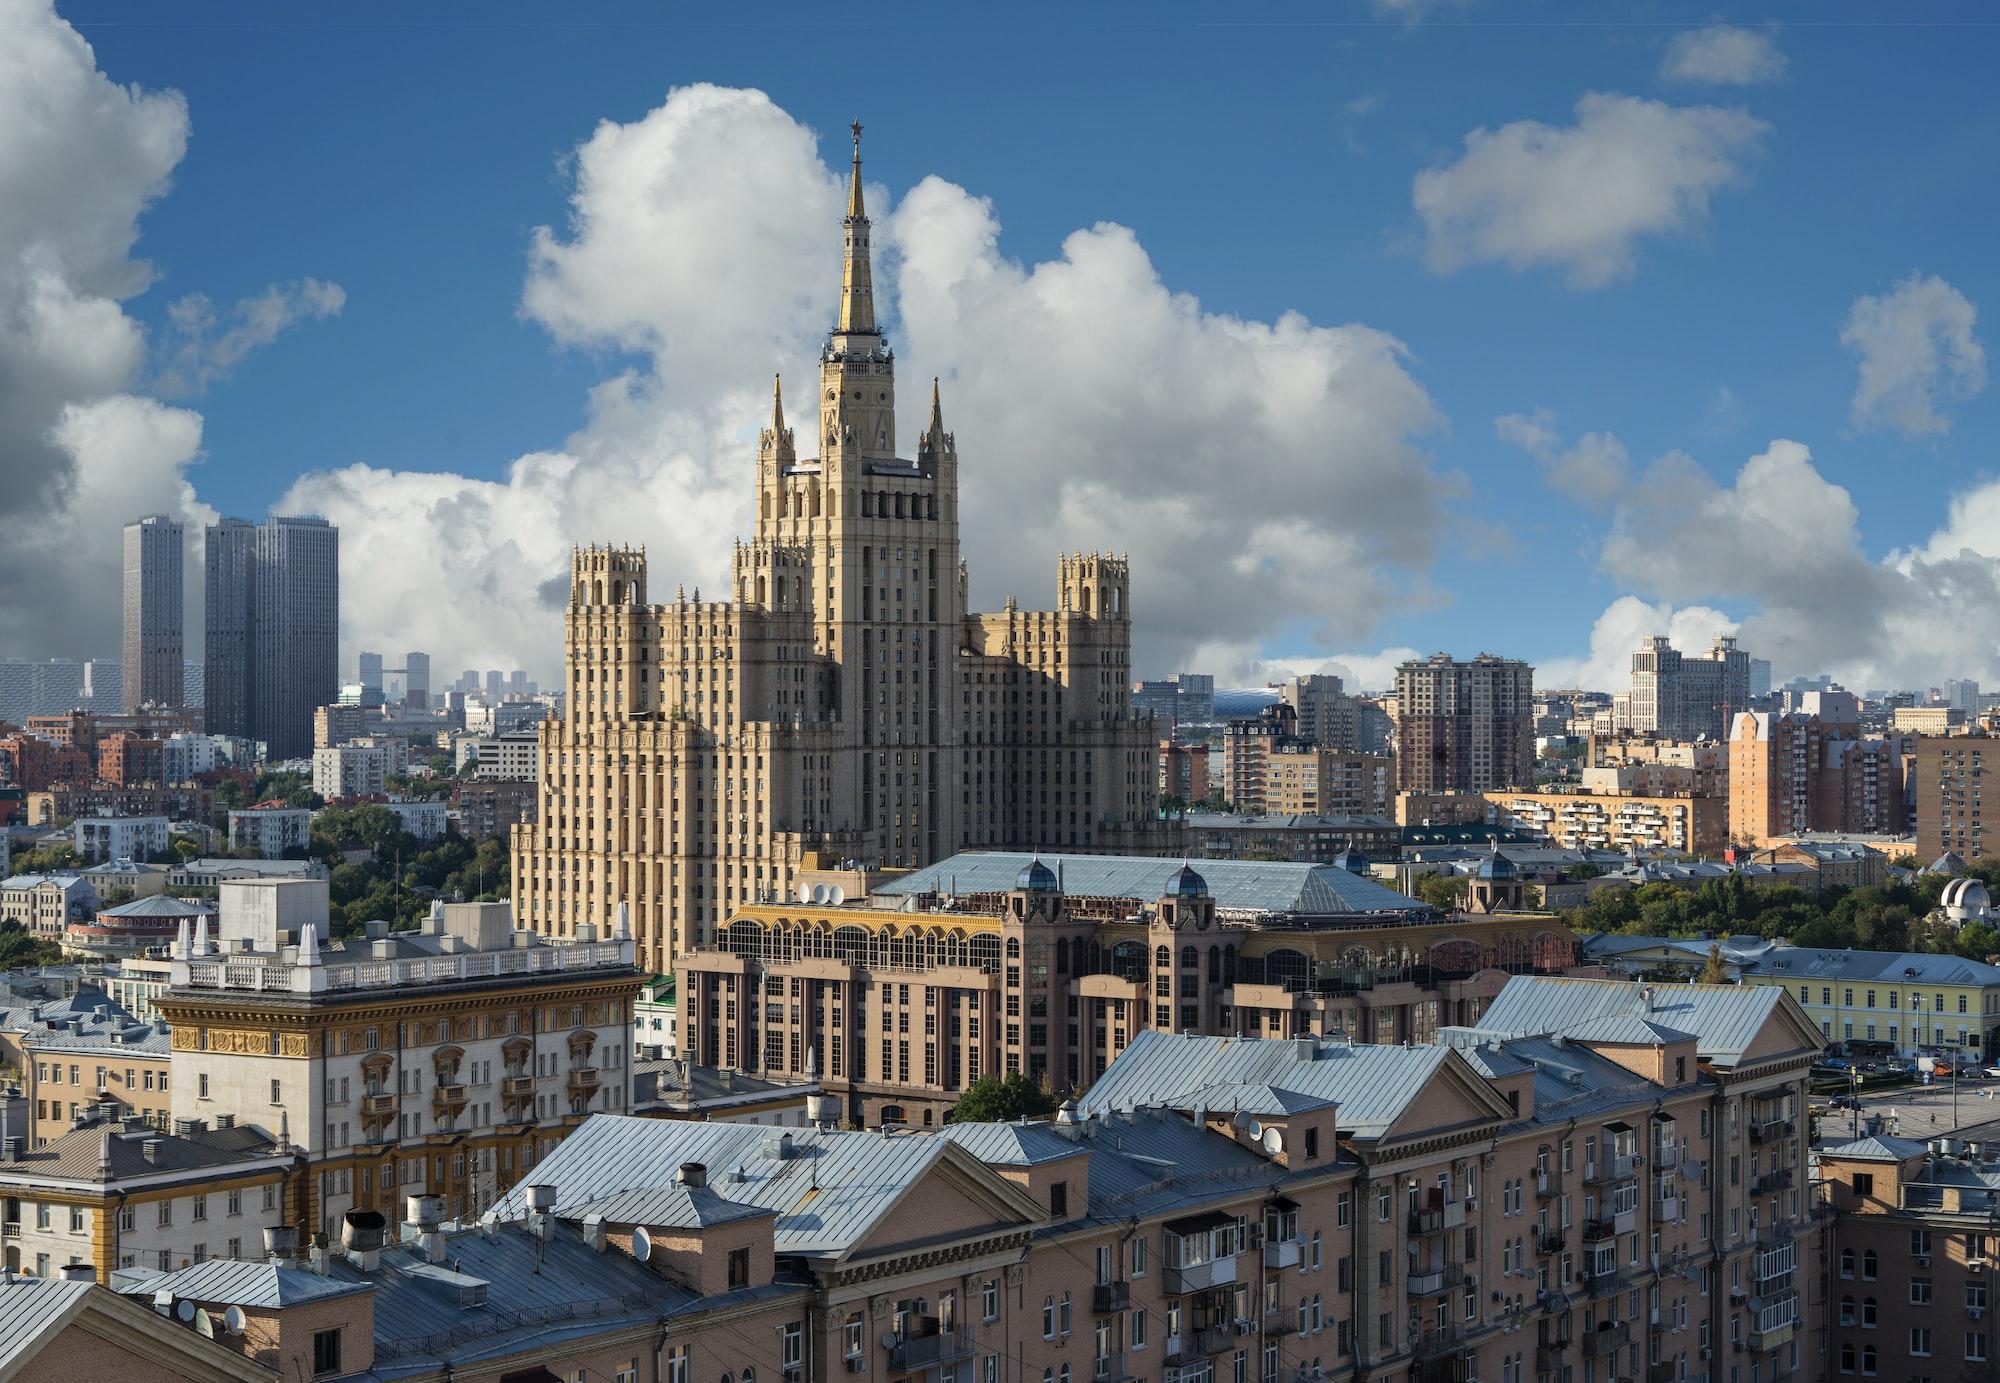 View of the Stalin skyscraper